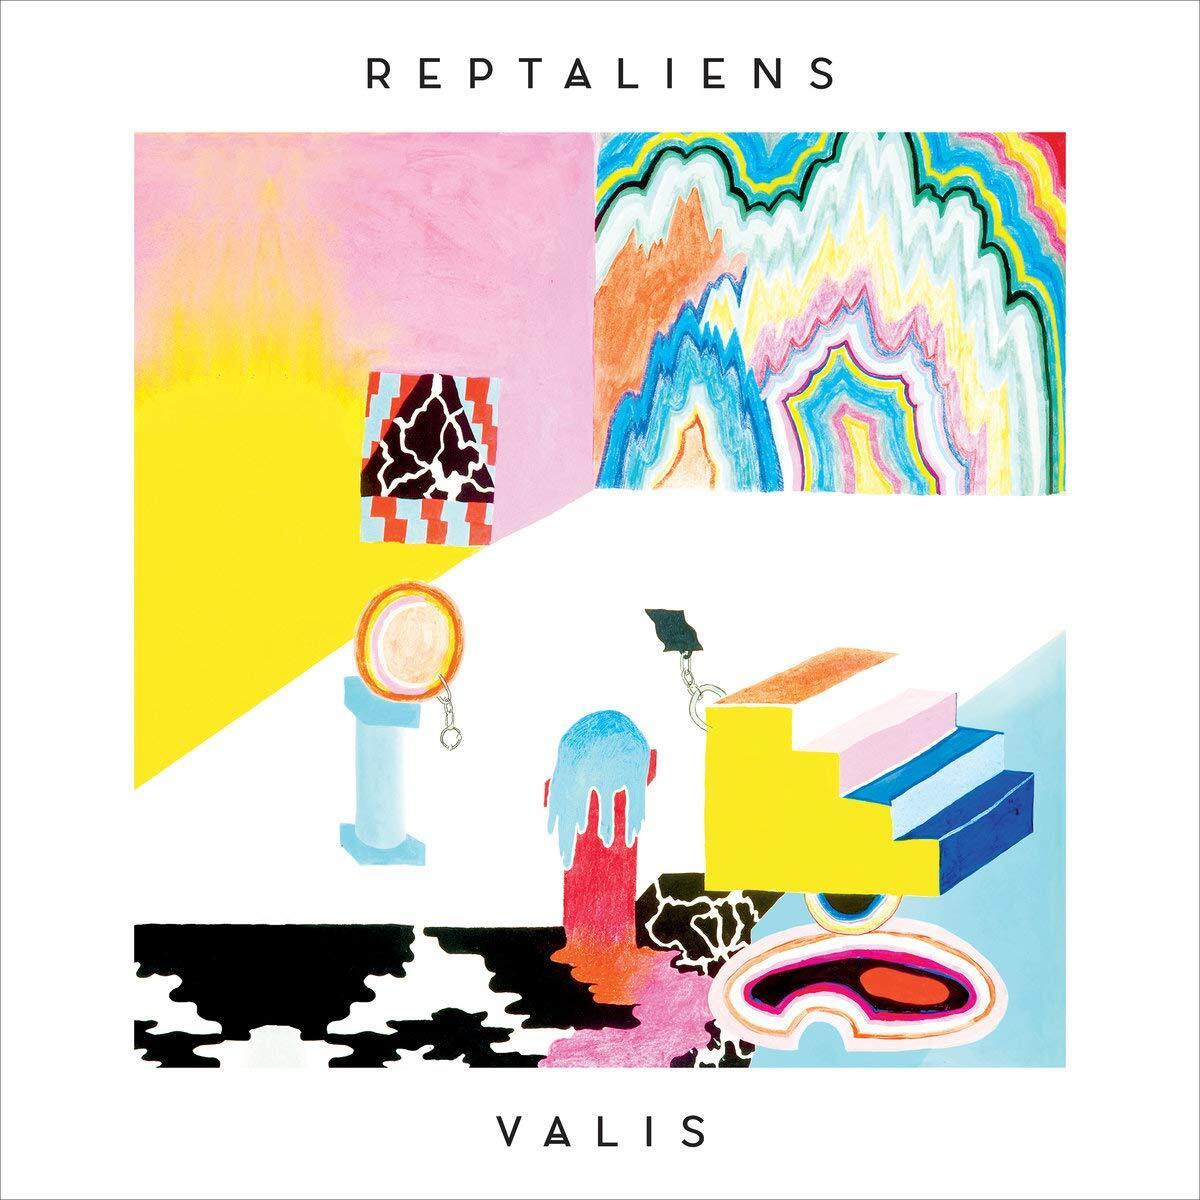 Reptaliens - VALIS (LP)